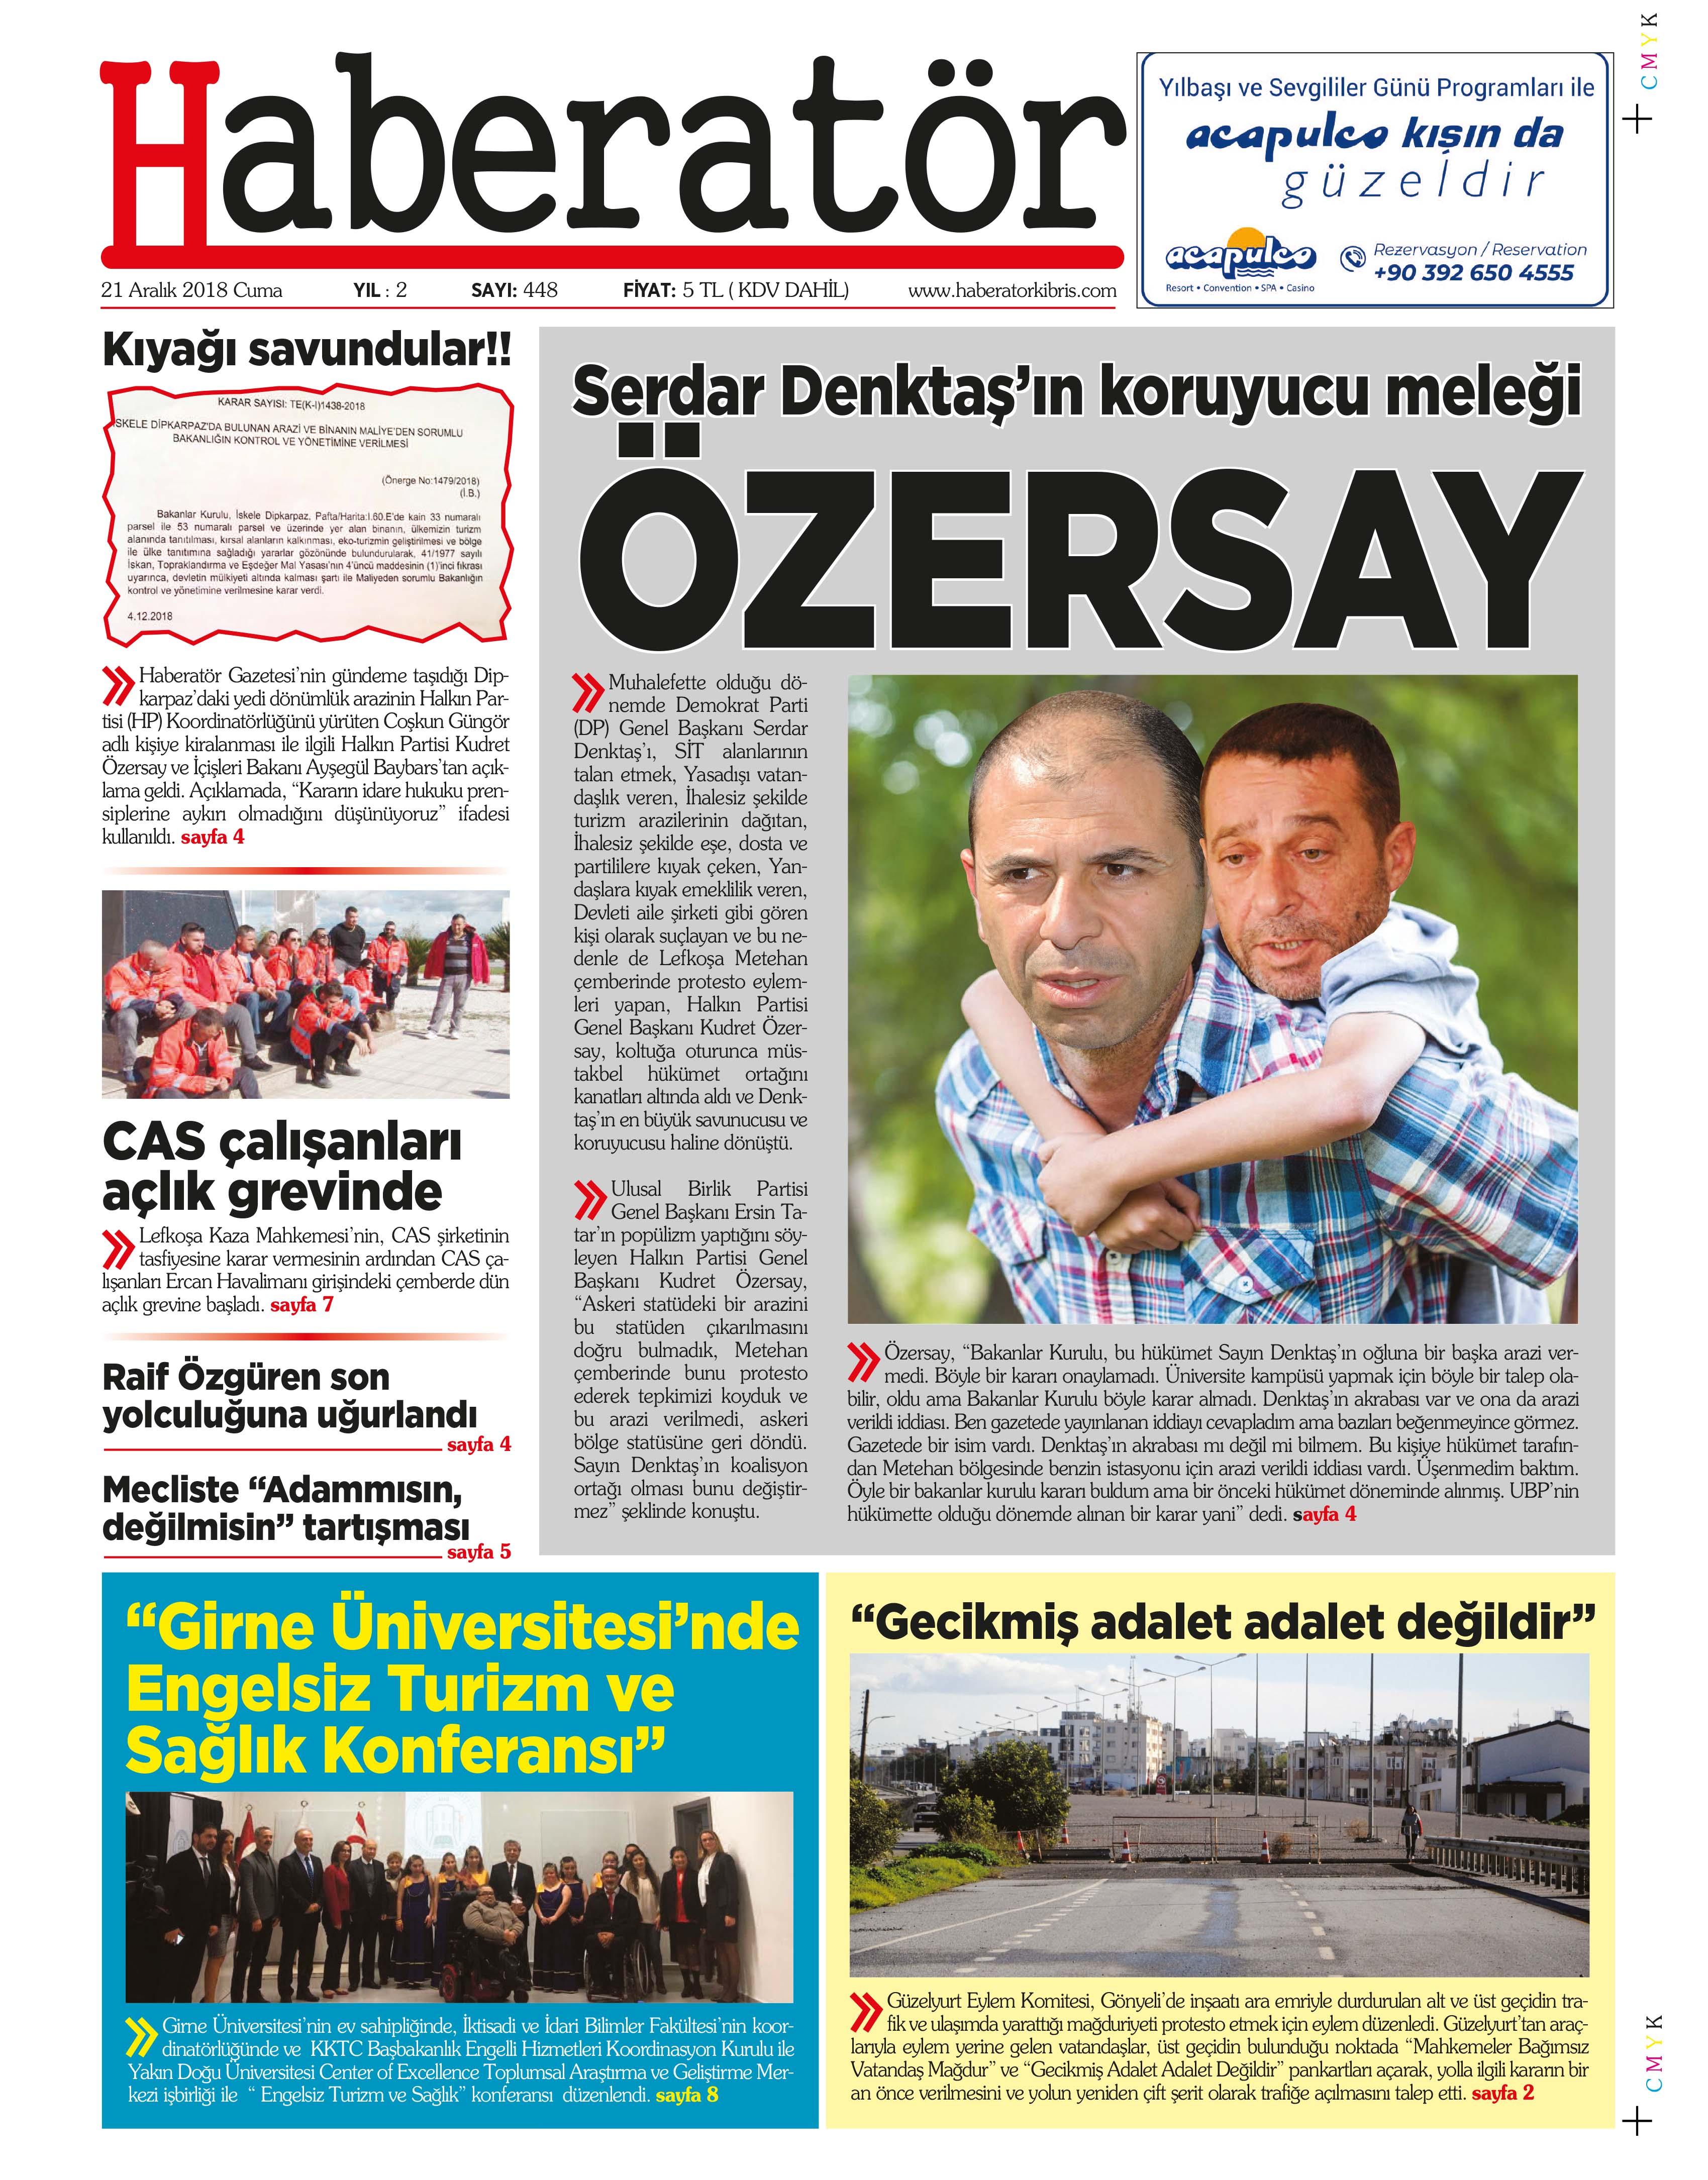 Haberatör Gazetesi Gazetesi